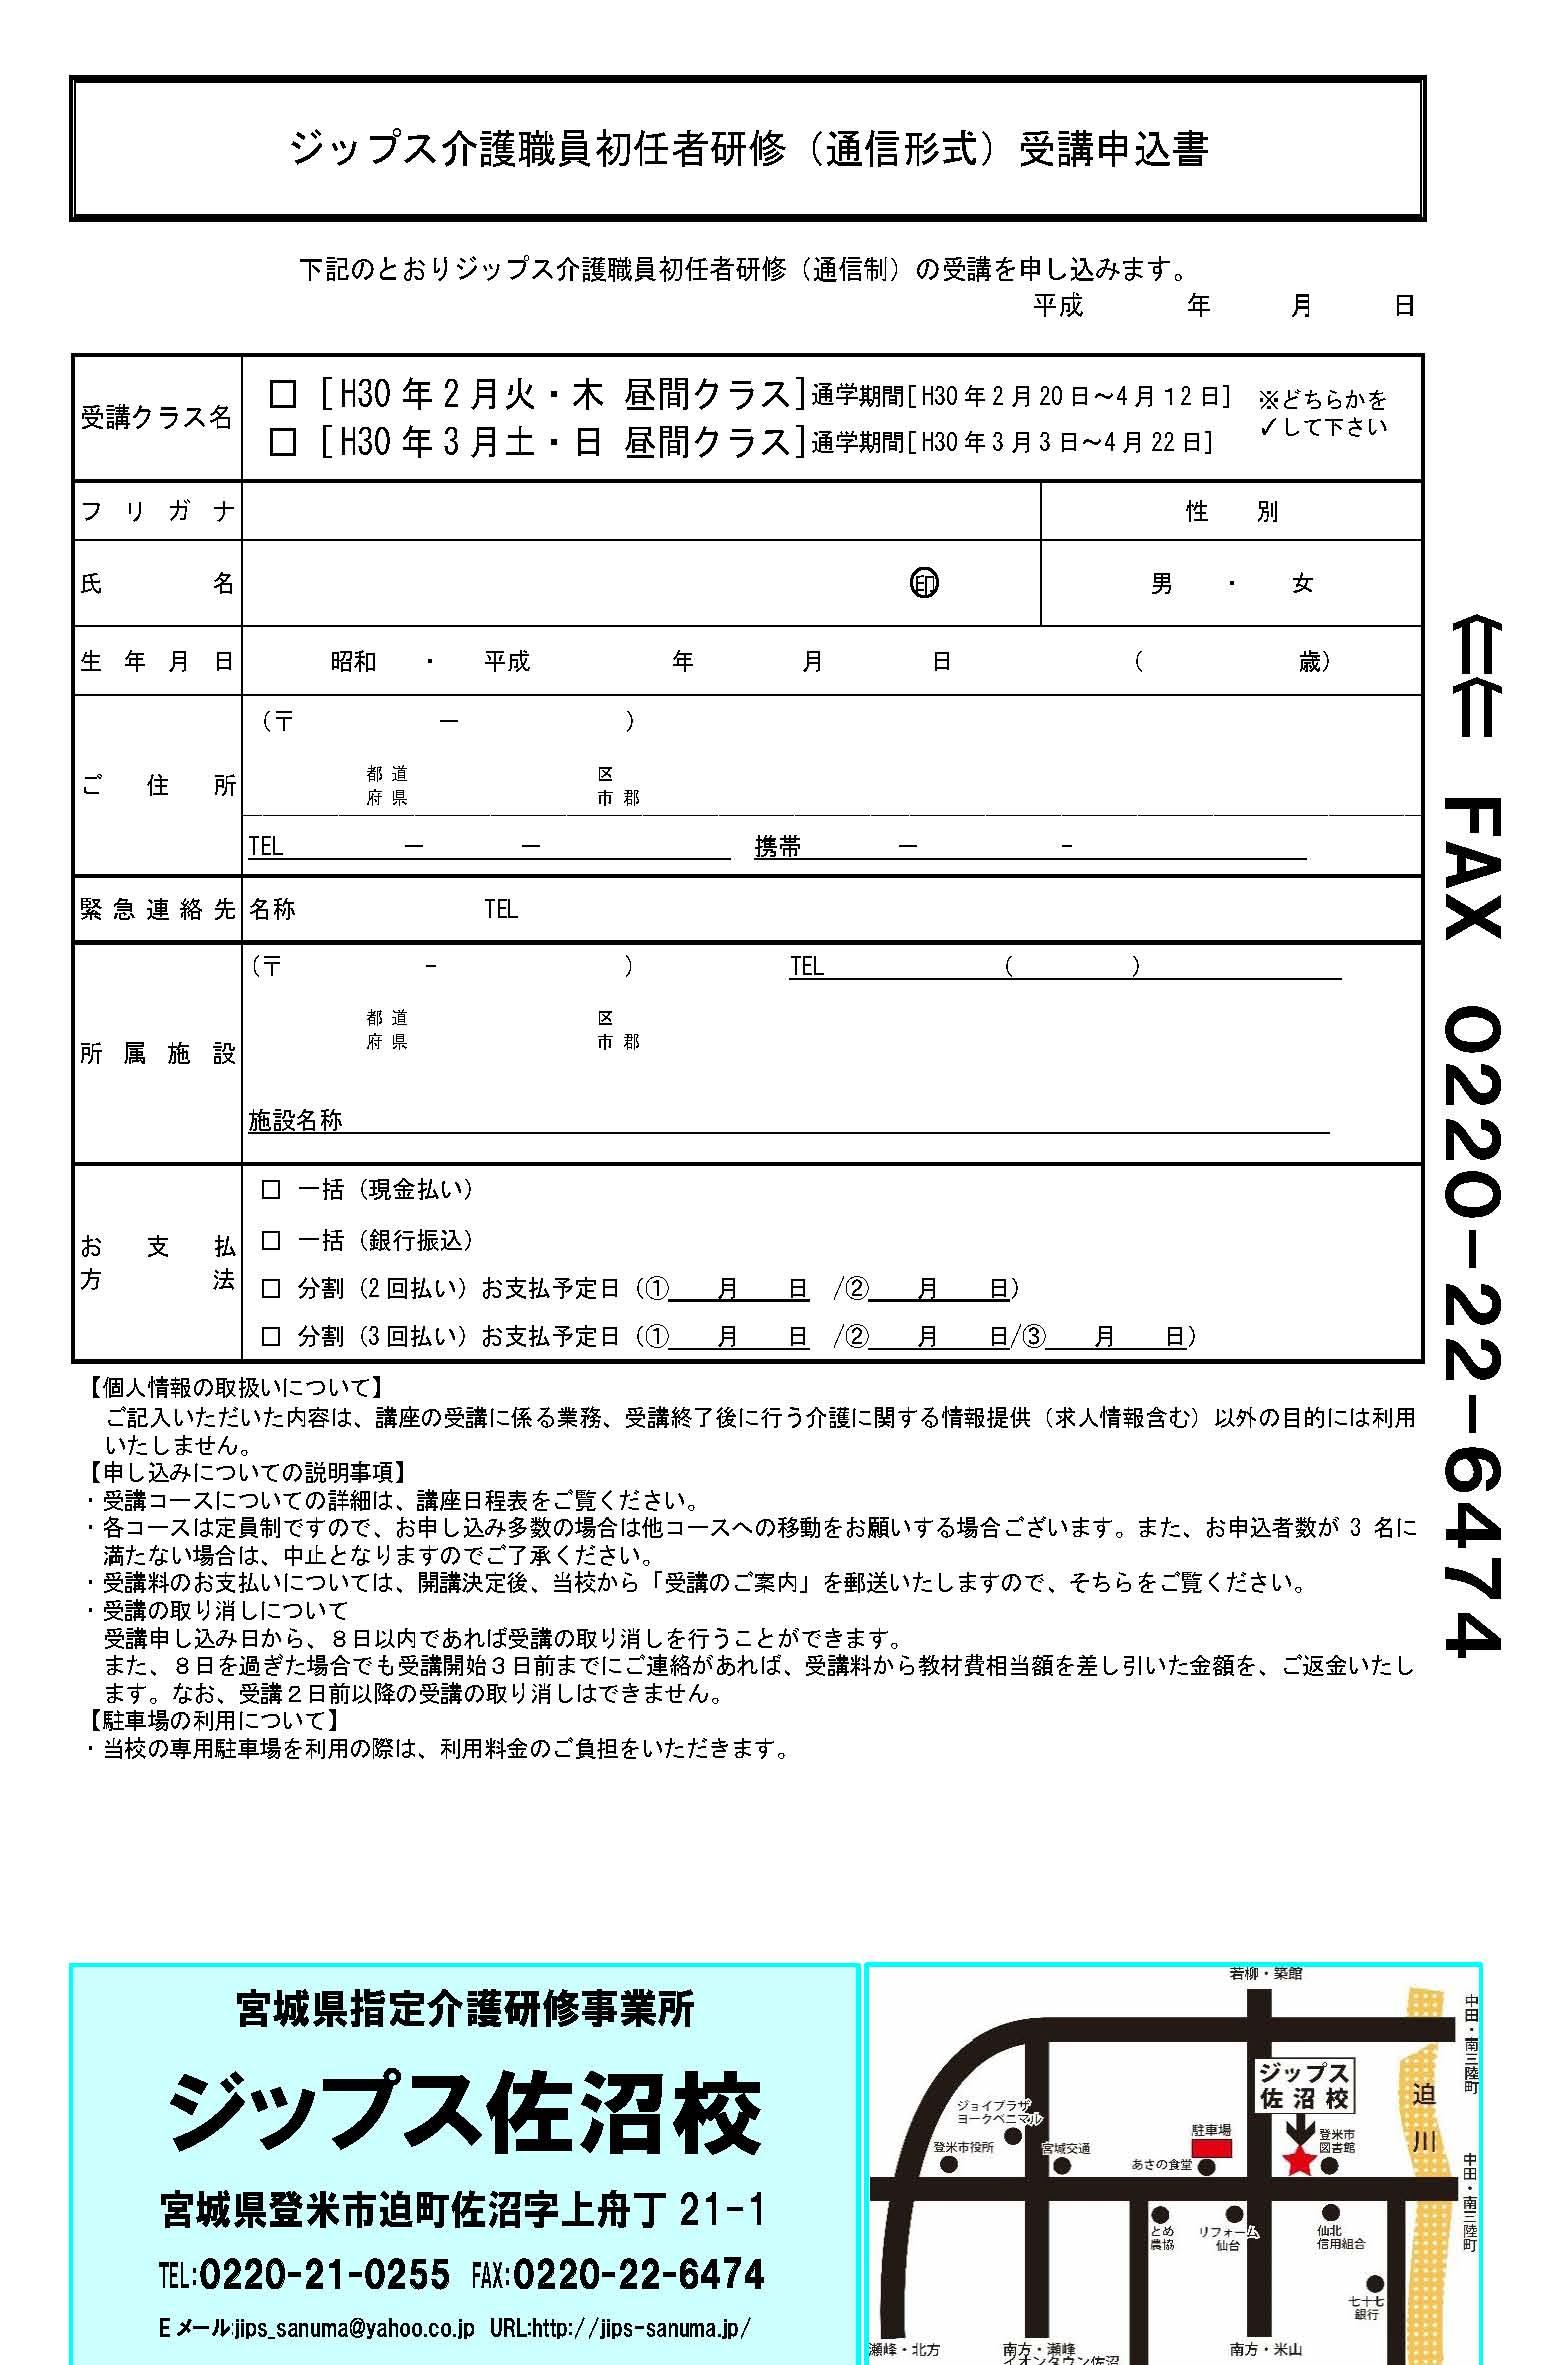 初任者研修募集チラシ30年2-3月_ページ_2